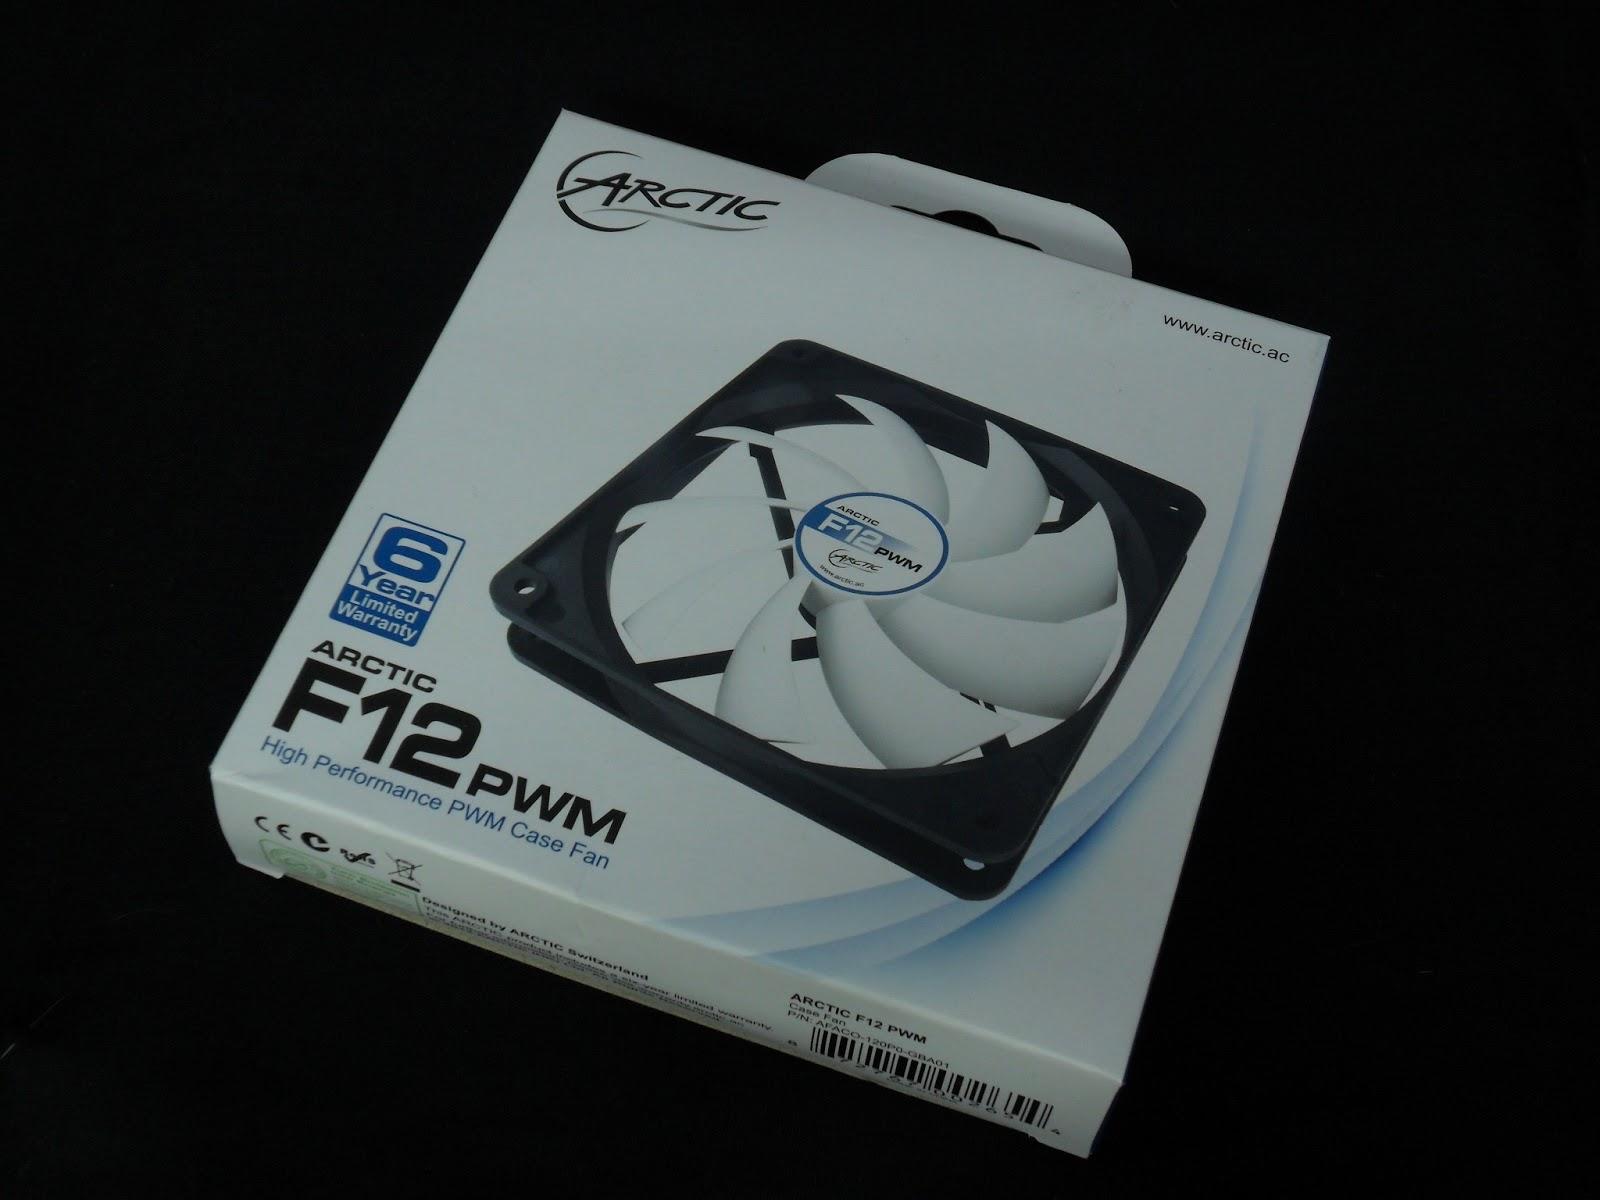 Unboxing & Review : BitFenix Spectre Pro LED 120mm 38